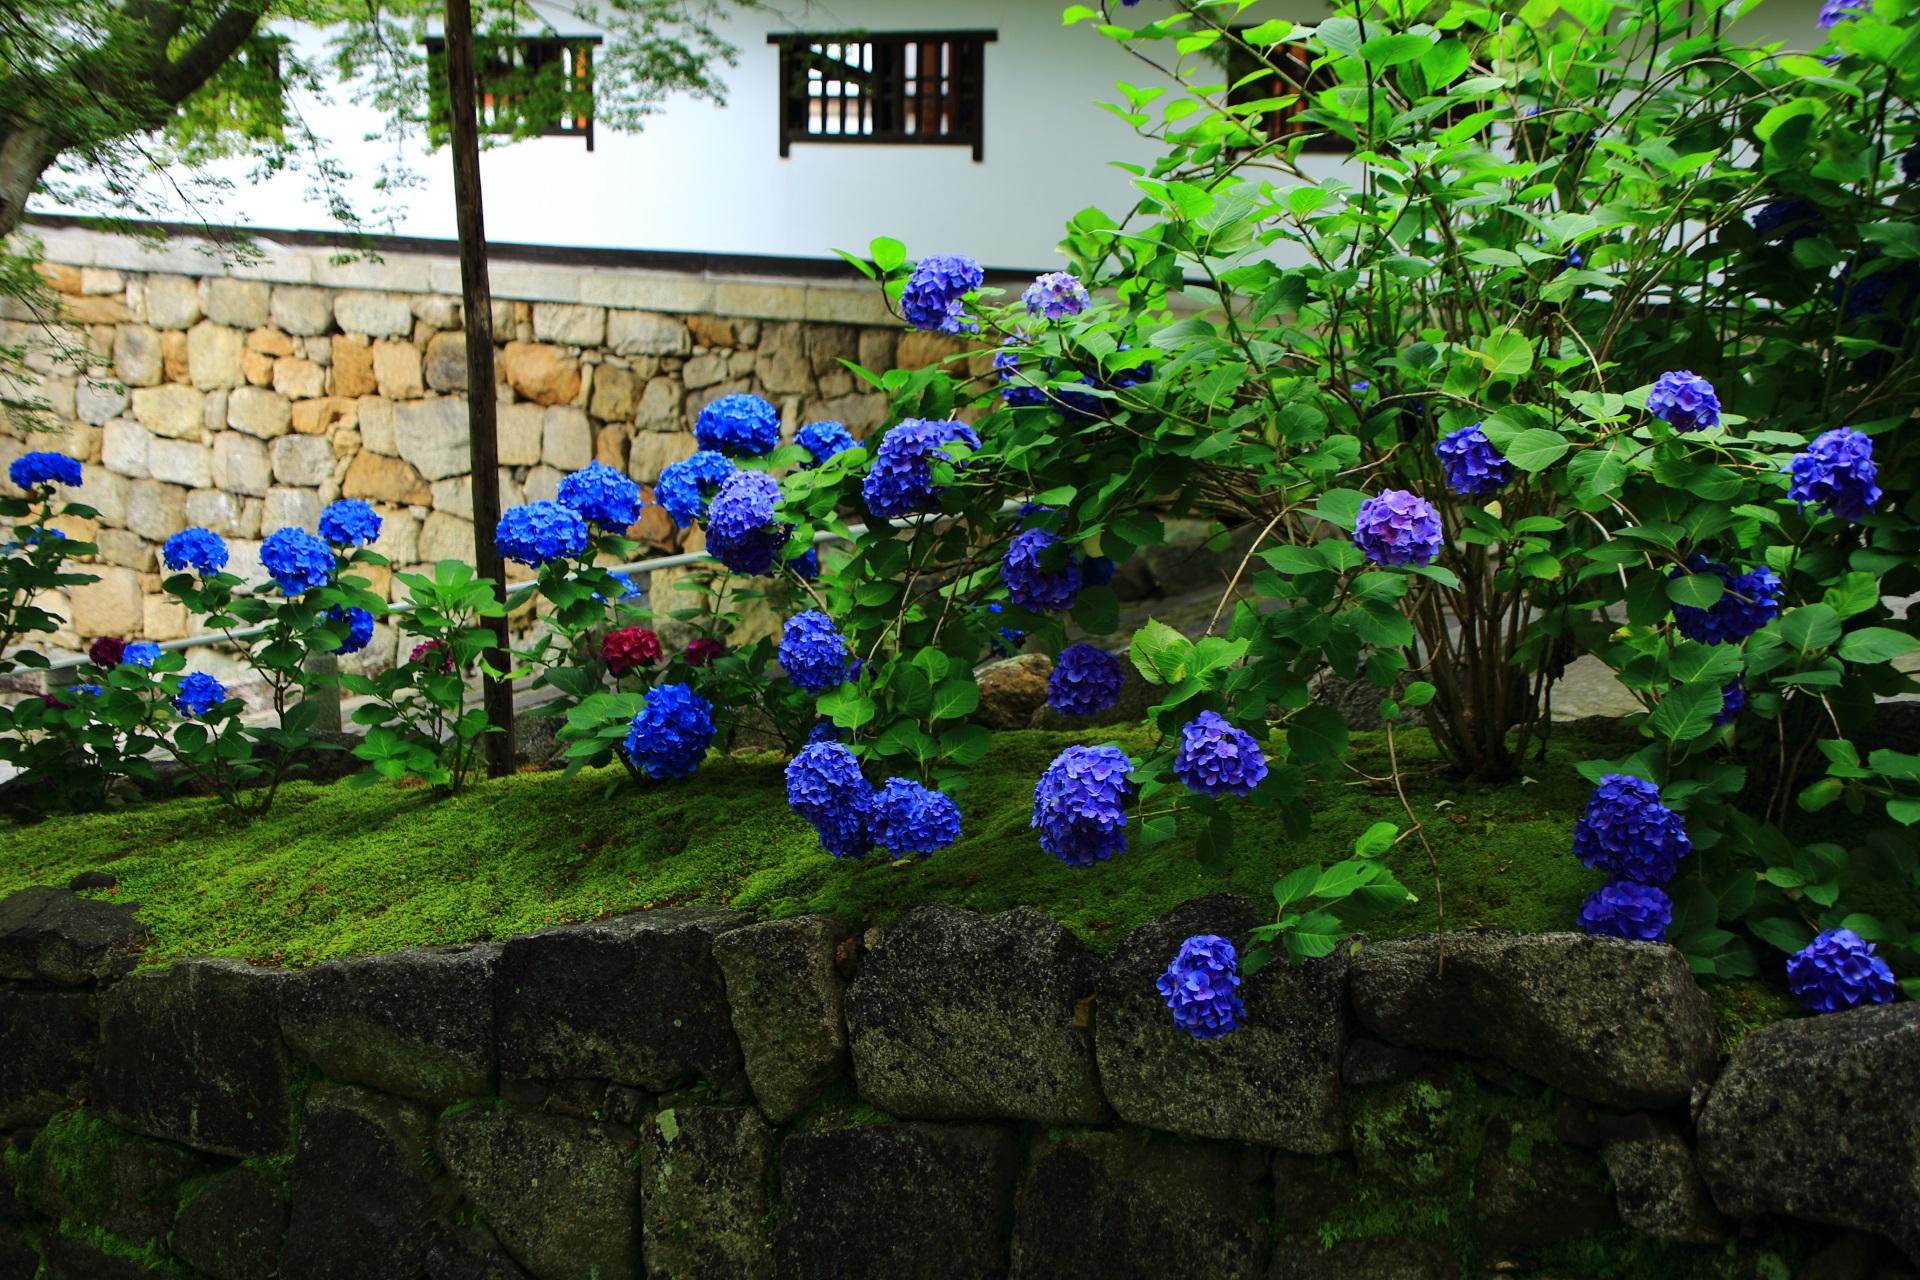 風情ある白塗りの壁に映える青い紫陽花